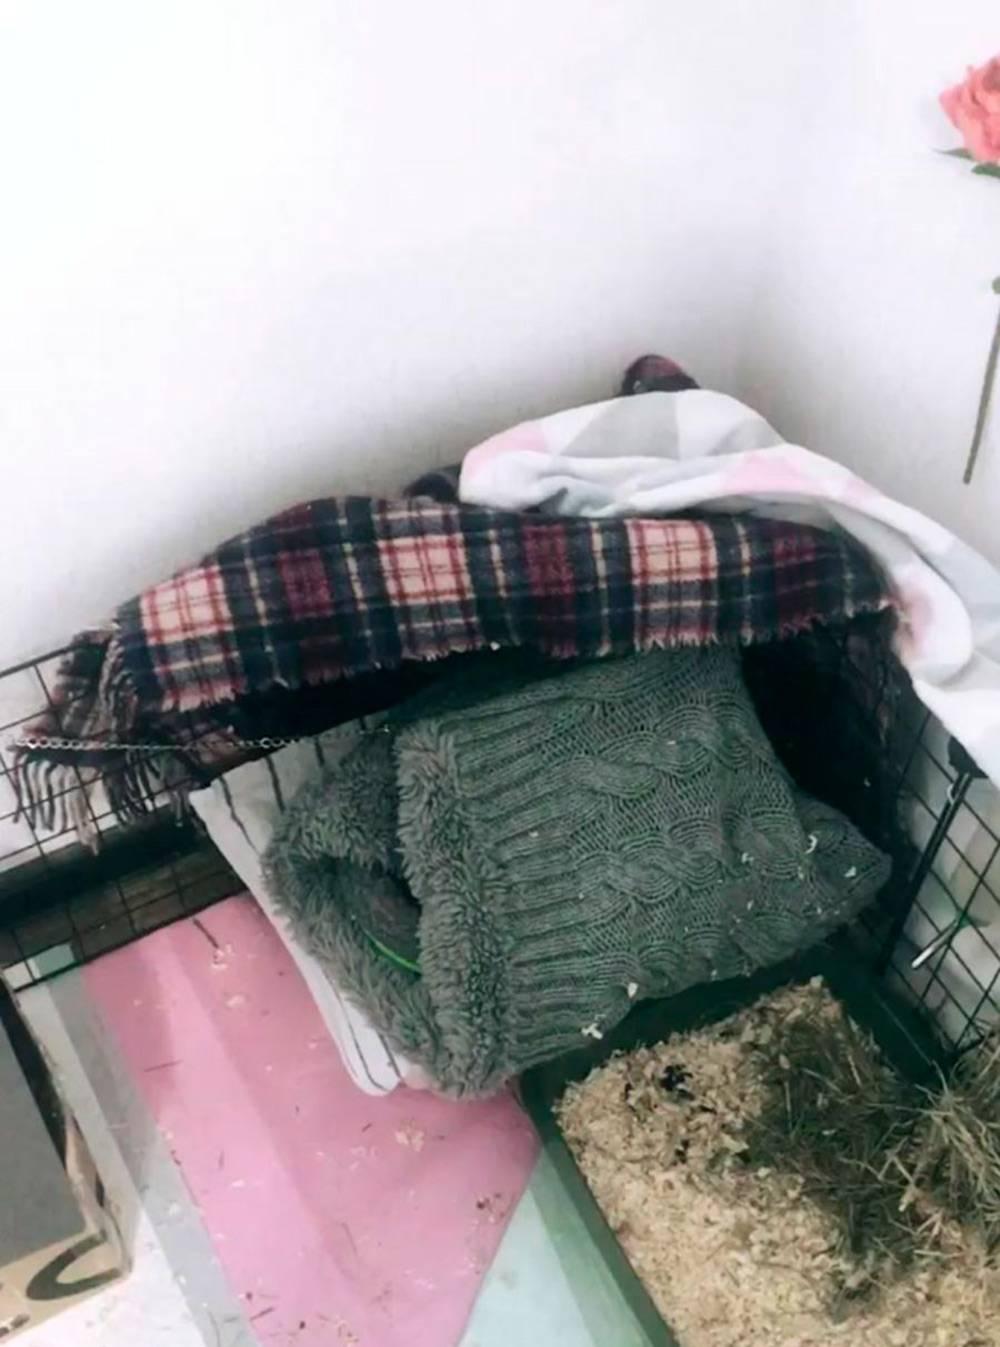 А это мешочек, который я сшила из старого шарфа. Еще мешки можно найти в интернет-магазинах или заказать на «Юле» у рукодельниц